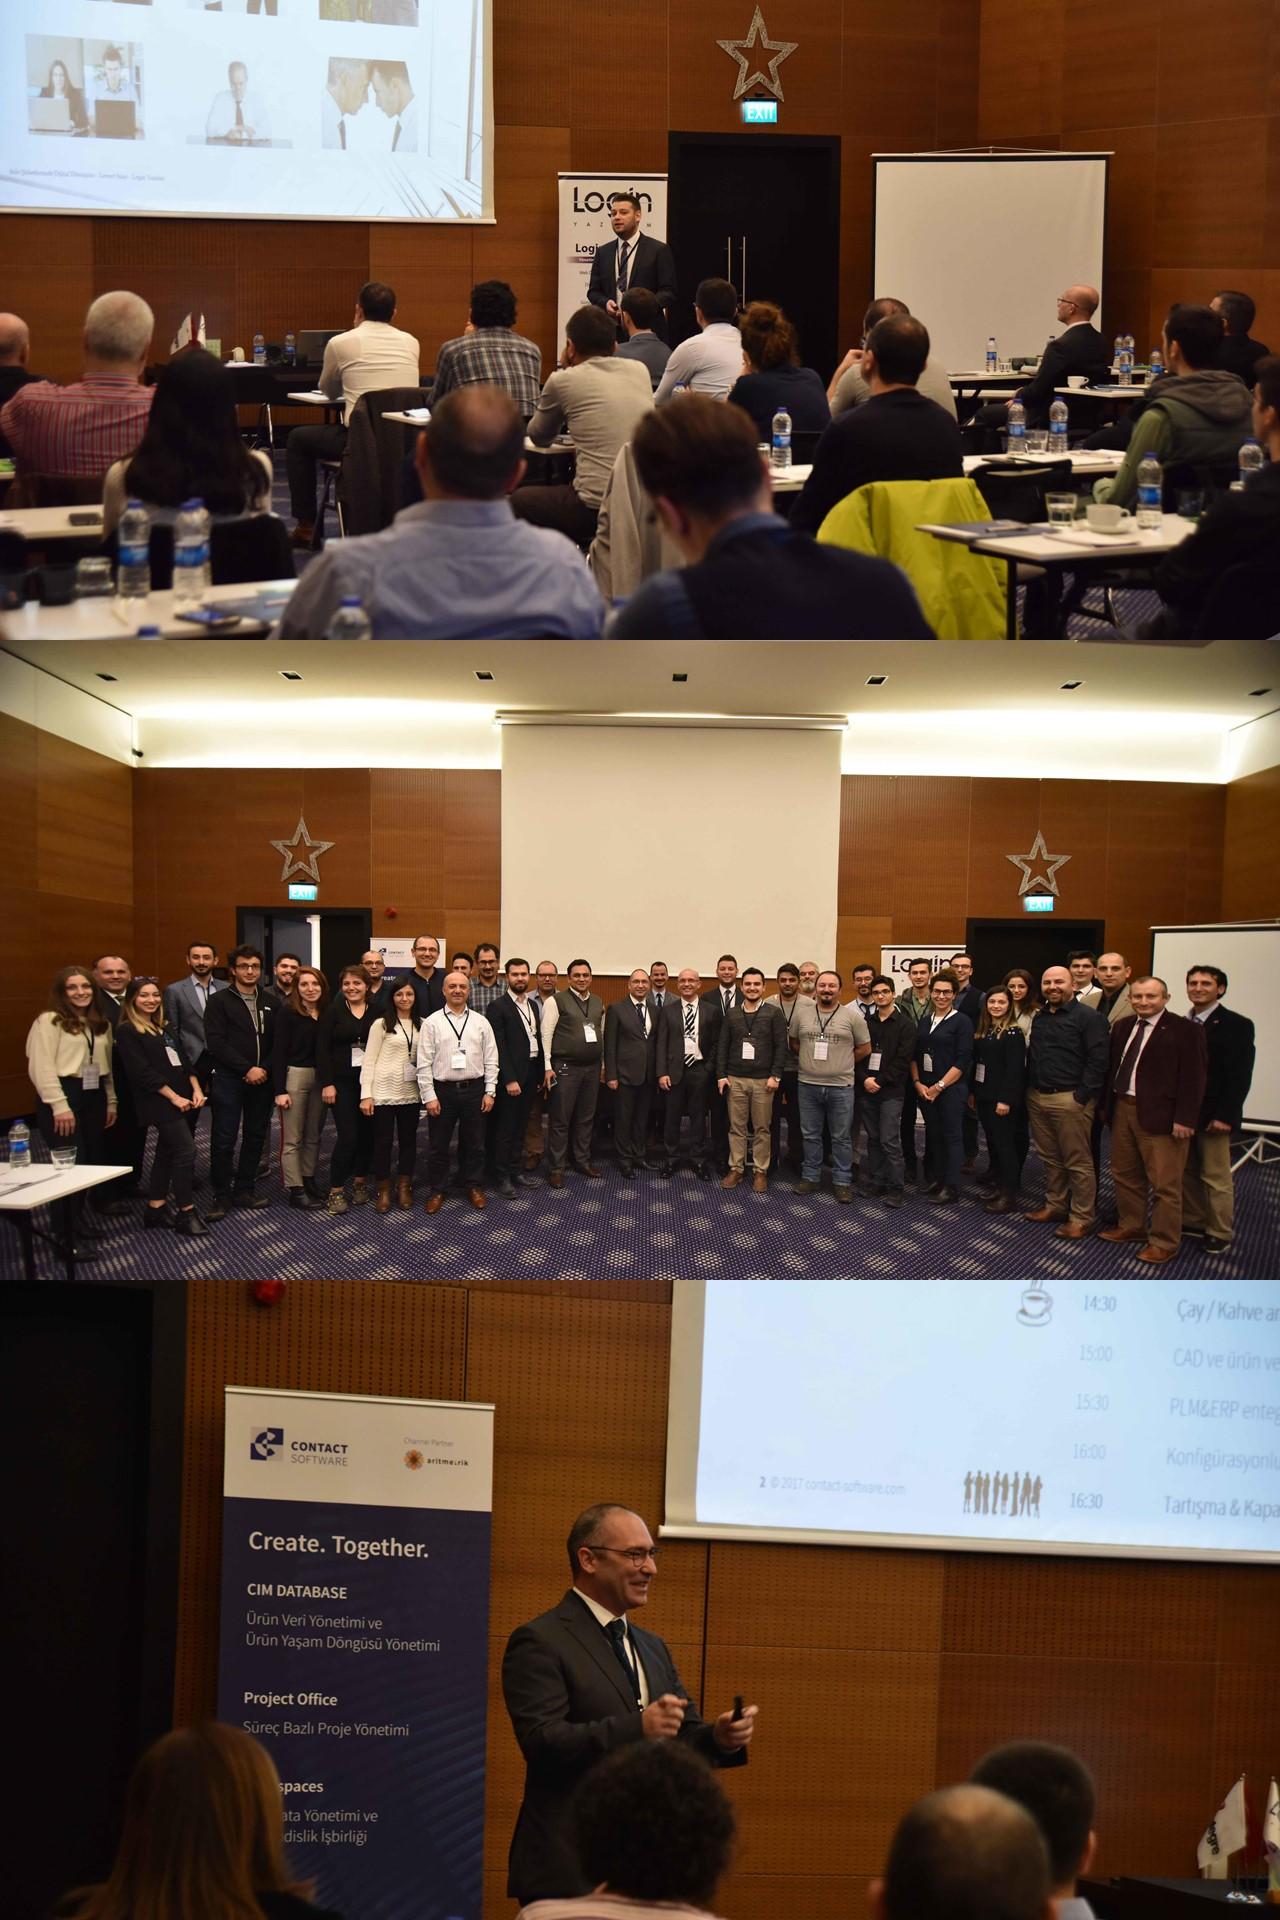 Ürün Odaklı Bütünsel Şirket Yönetimi Etkinliği Login Yazılım ve Aritmetrik PLM Ortaklığı ile Workinn Hotel Gebze'de Gerçekleşti